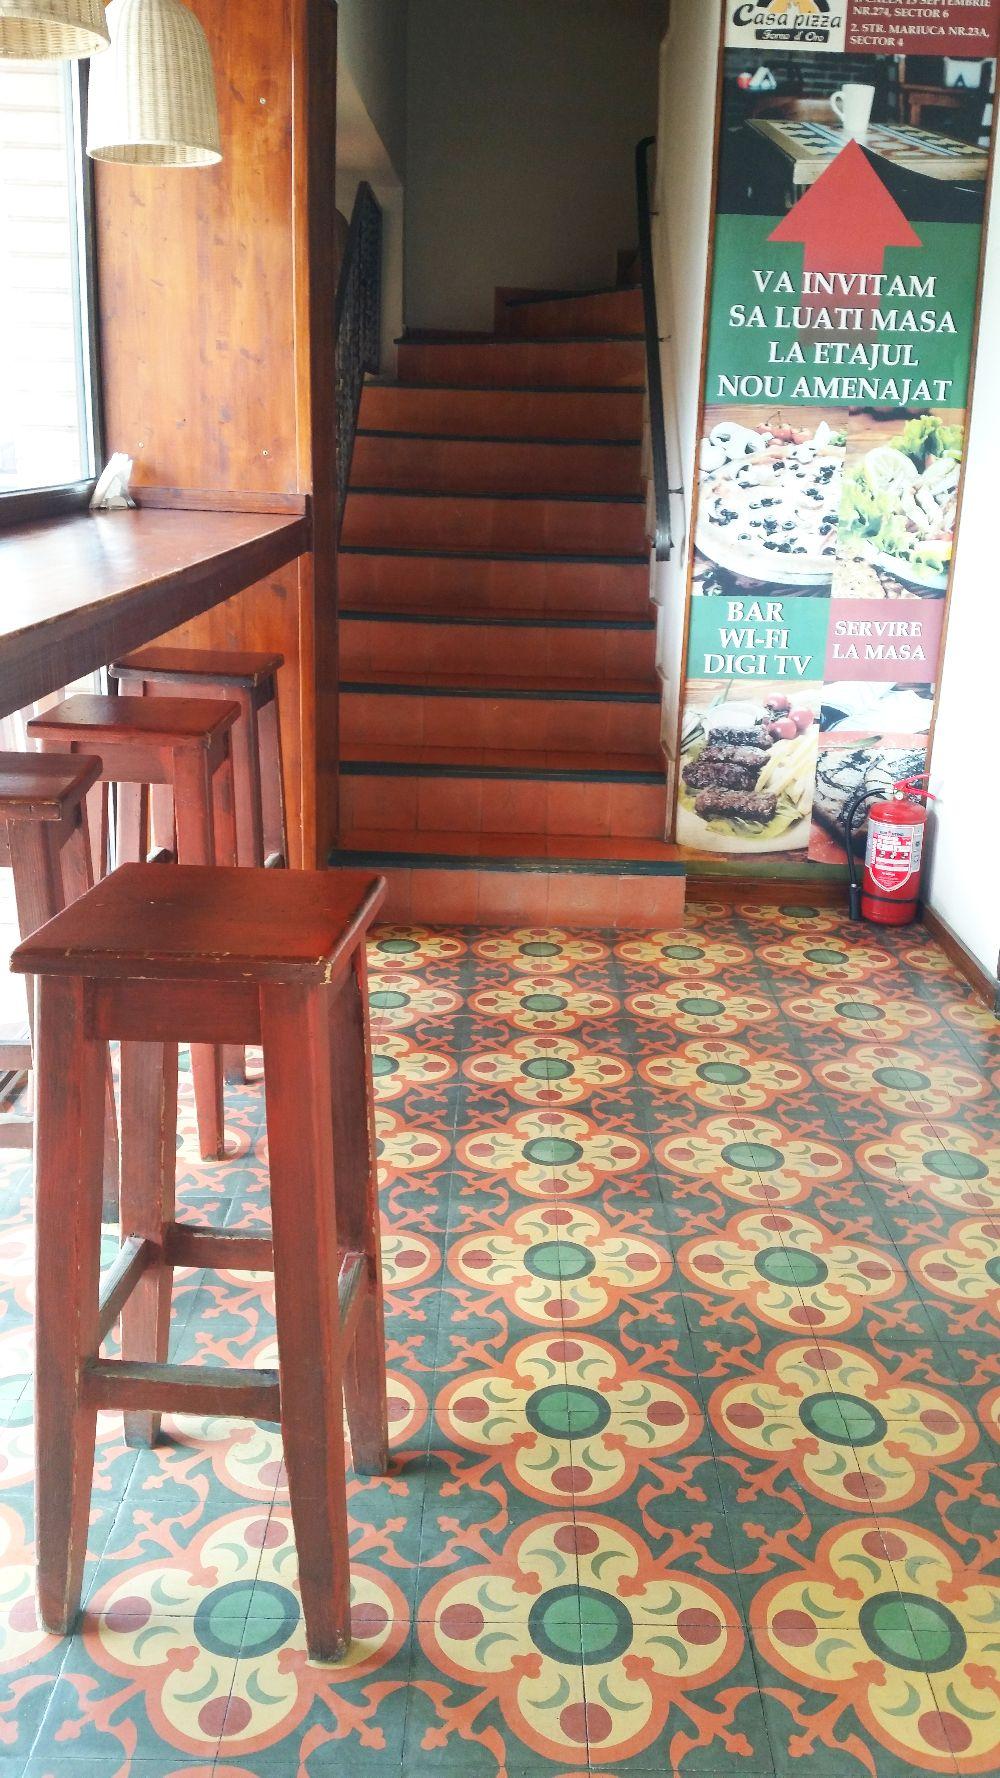 adelaparvu.com despre placi decorative din ciment, Manolo Manufaktura (21)